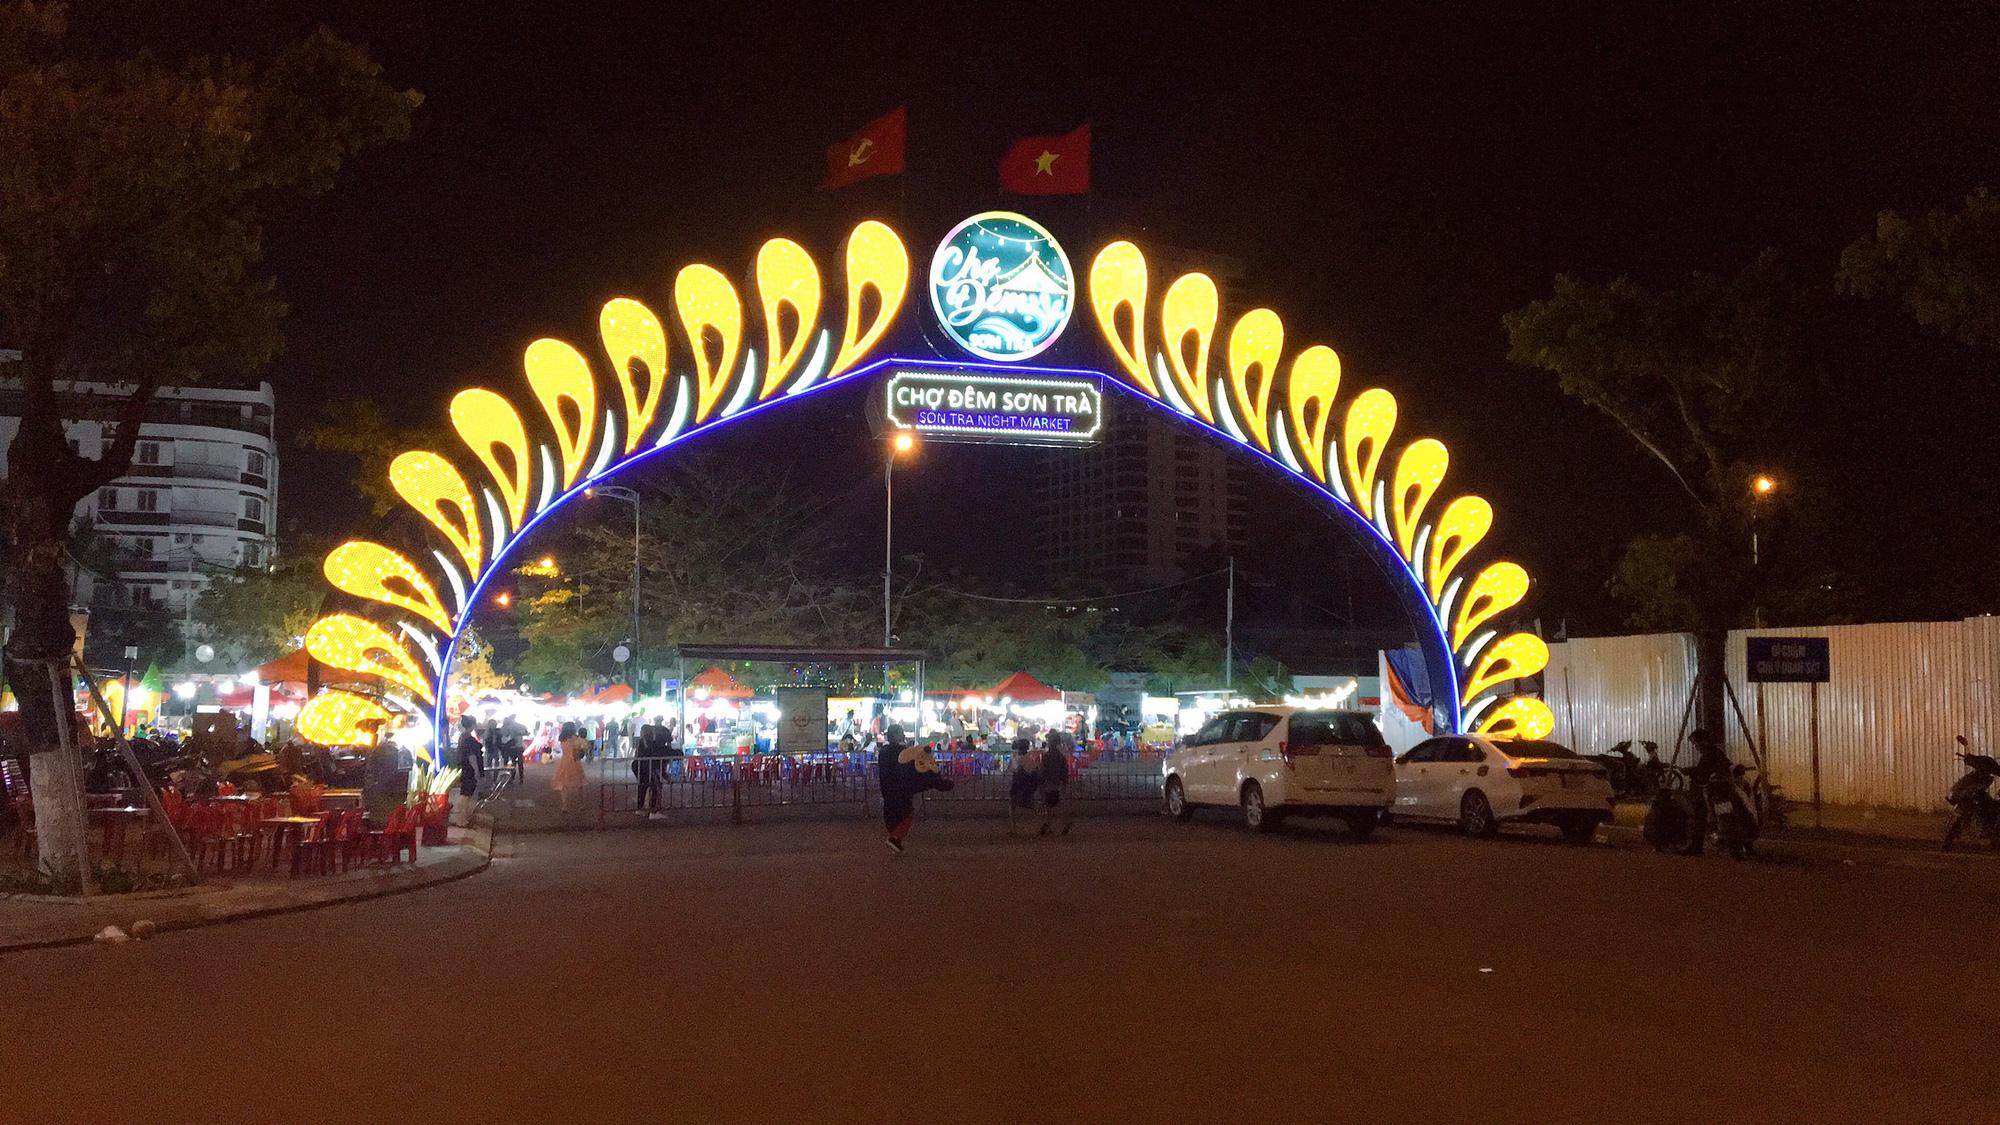 Đà Nẵng: Chợ đêm Sơn Trà – sản phẩm du lịch mới về đêm, thu hút hàng nghìn lượt khách/ngày đến tham quan mua sắm - Ảnh 1.